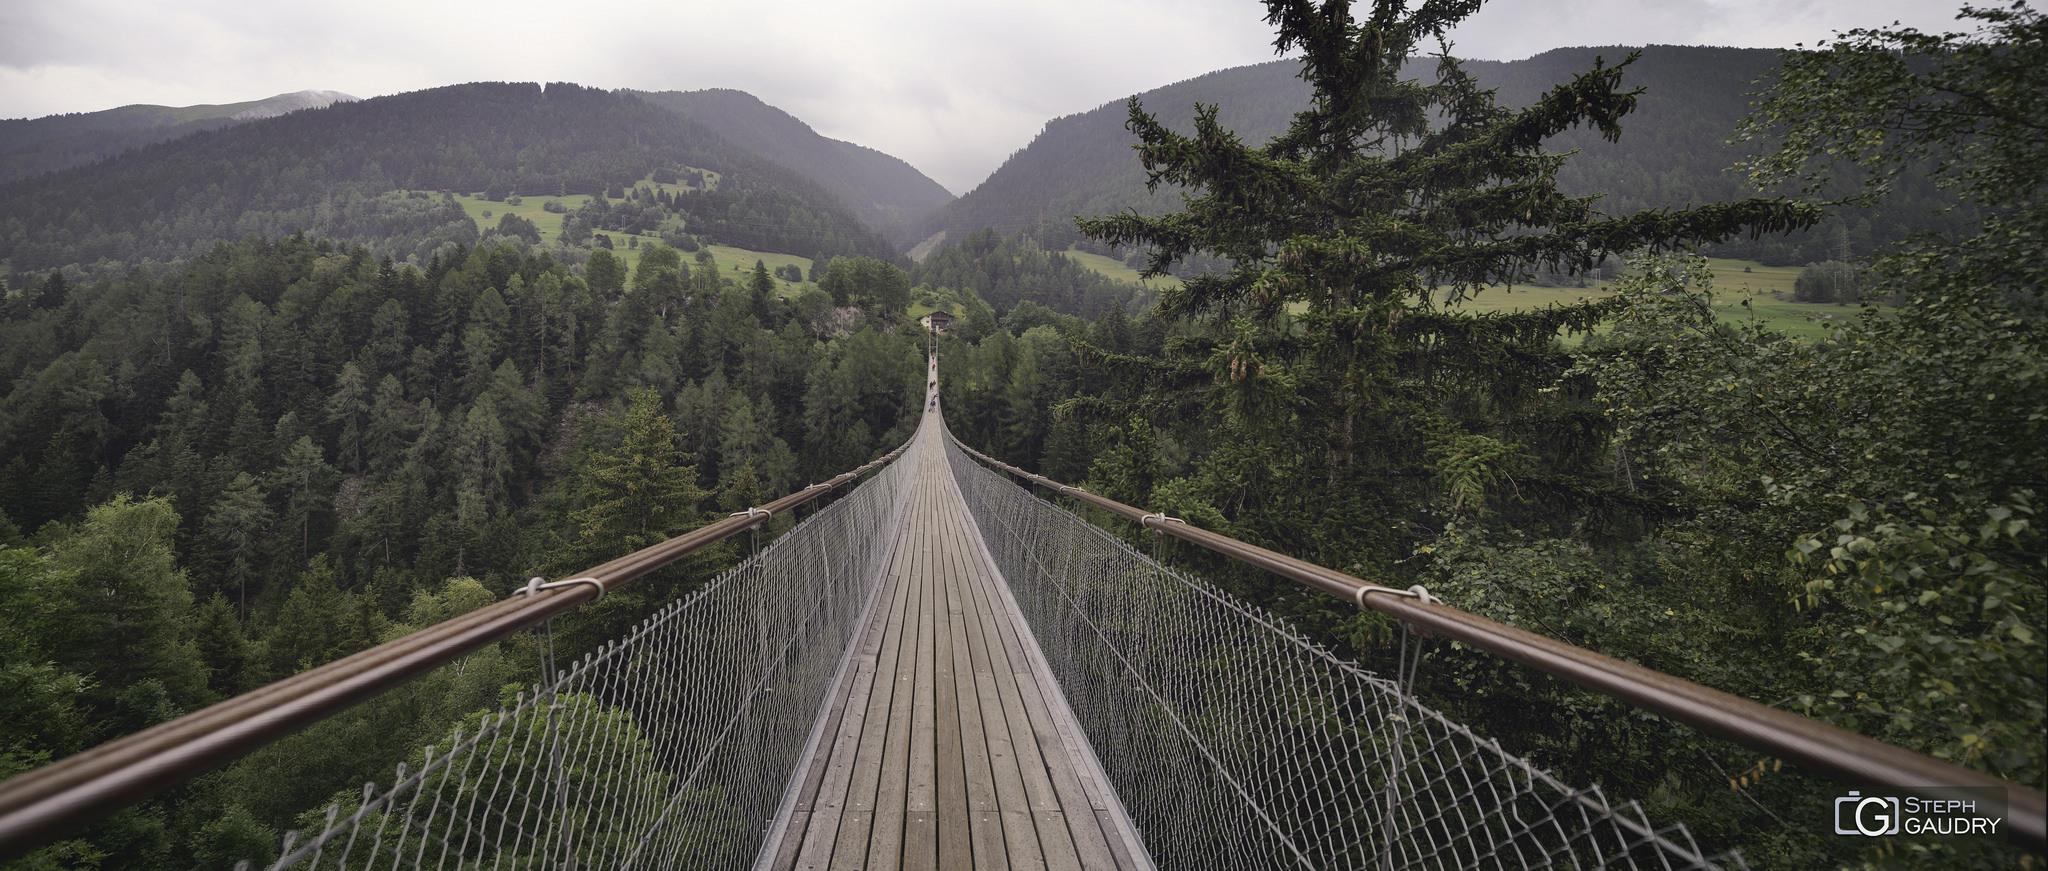 Hängebrücke Fürgangen - Mühlebach [Click to start slideshow]